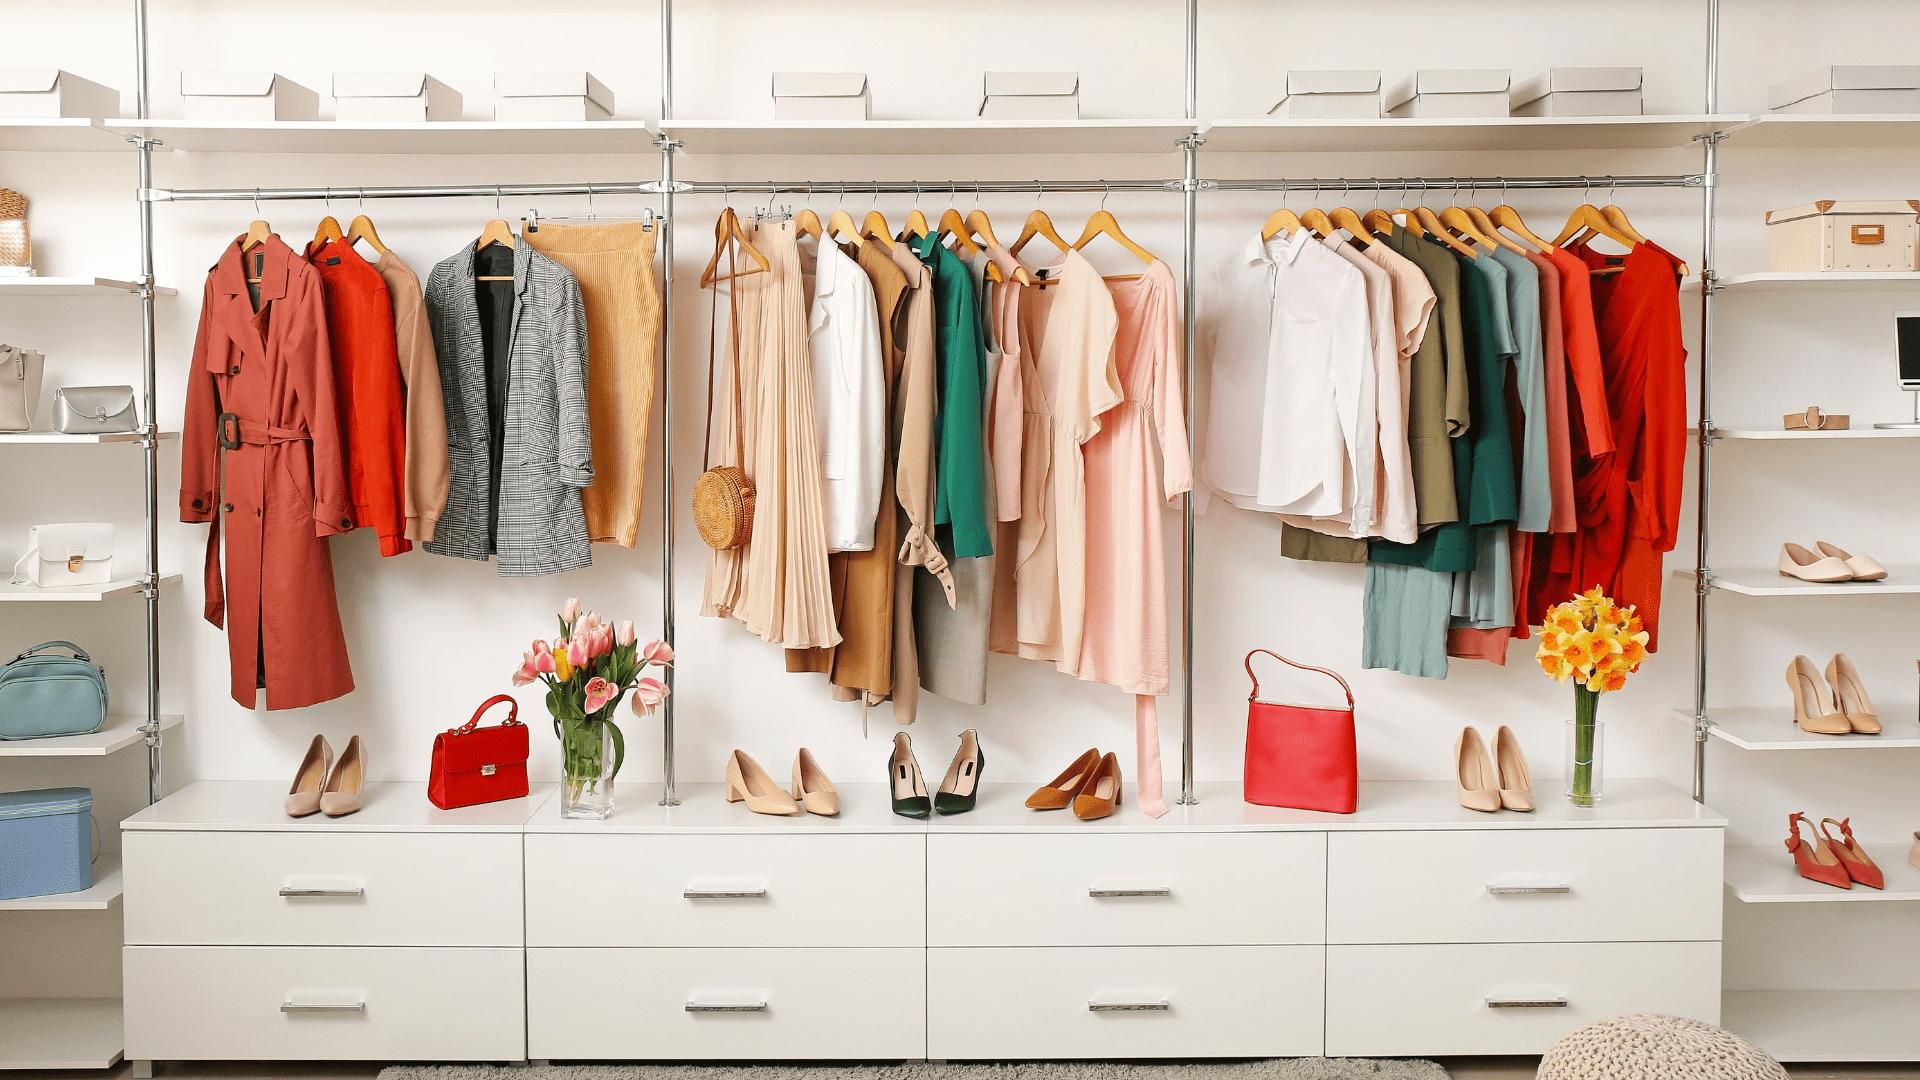 Las tendencias de moda que triunfarán esta primavera 2021 (2ª parte)